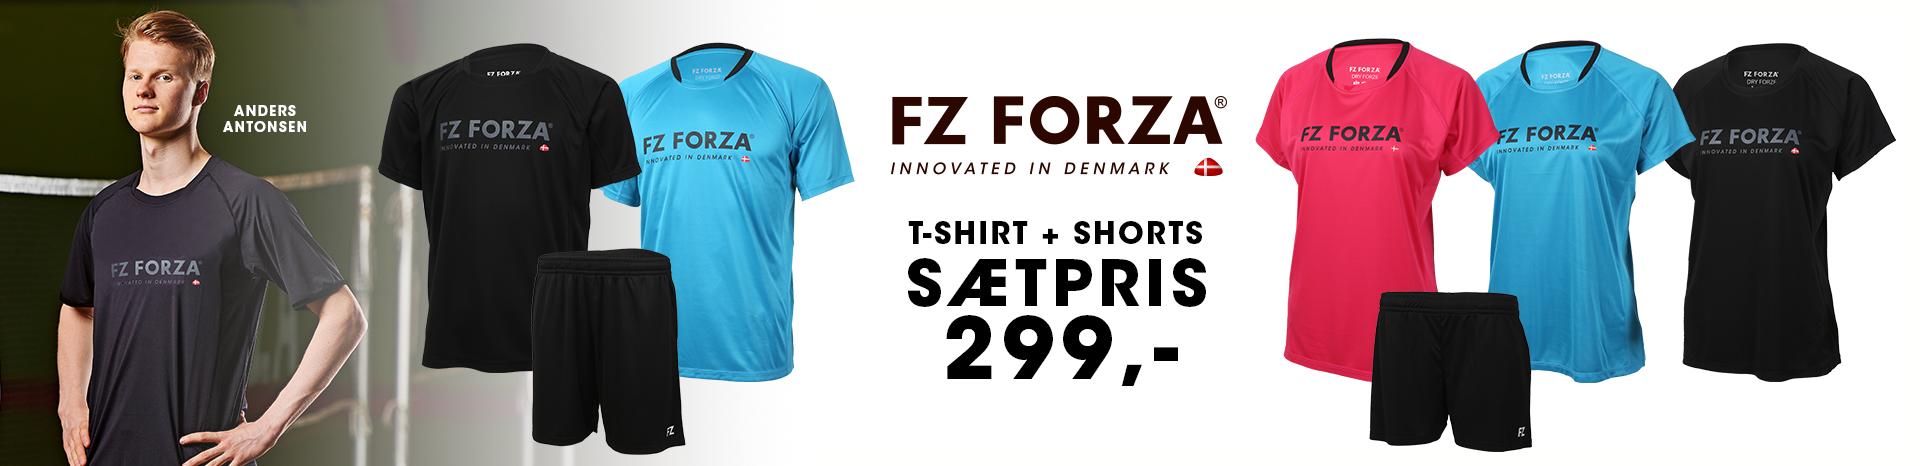 FZ Forza sæt